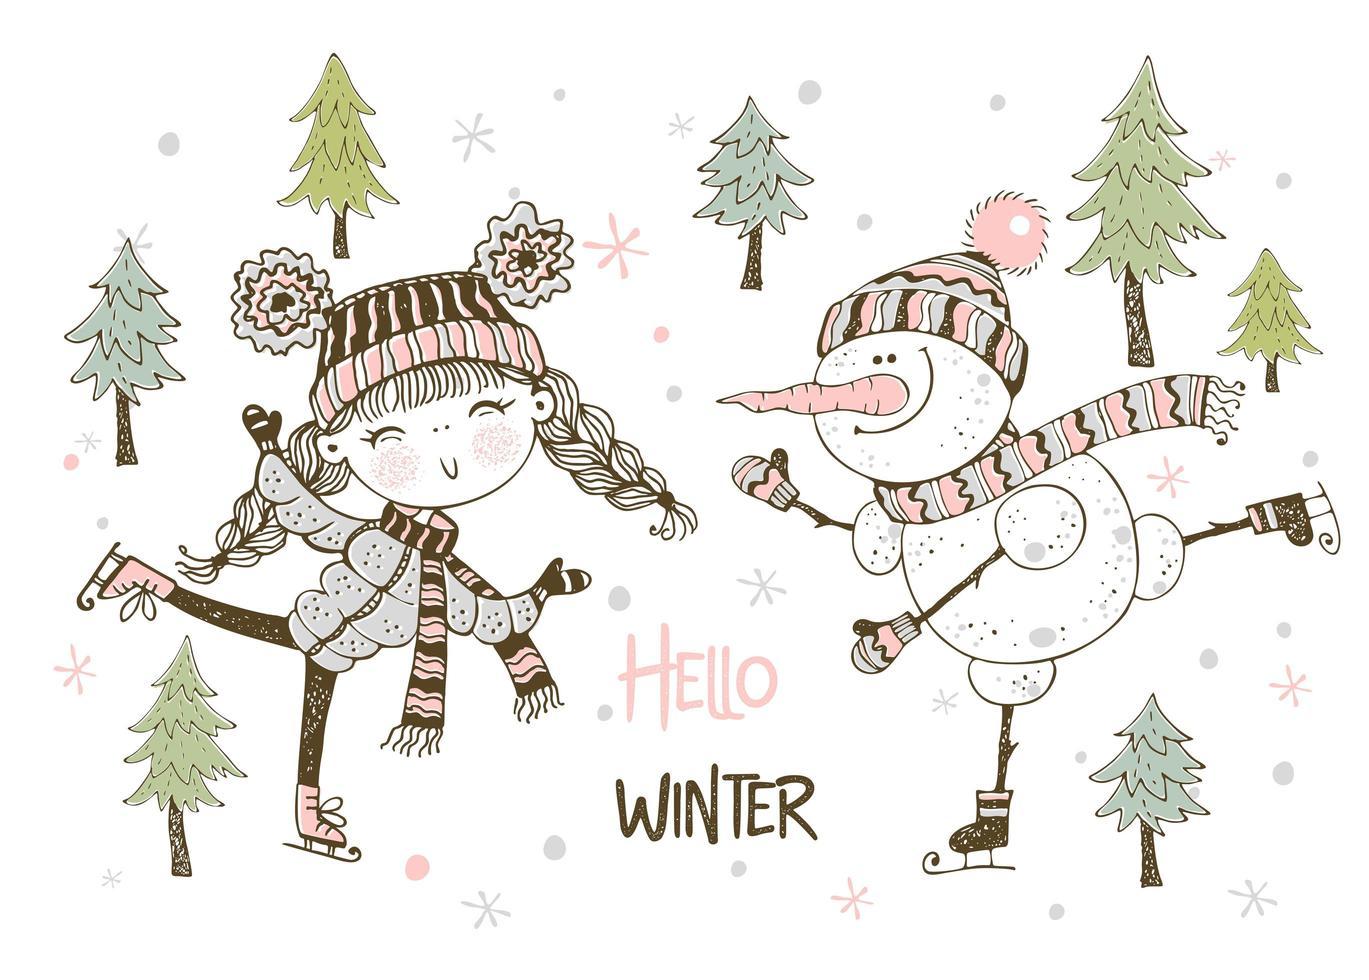 jolie fille et bonhomme de neige patinage vecteur